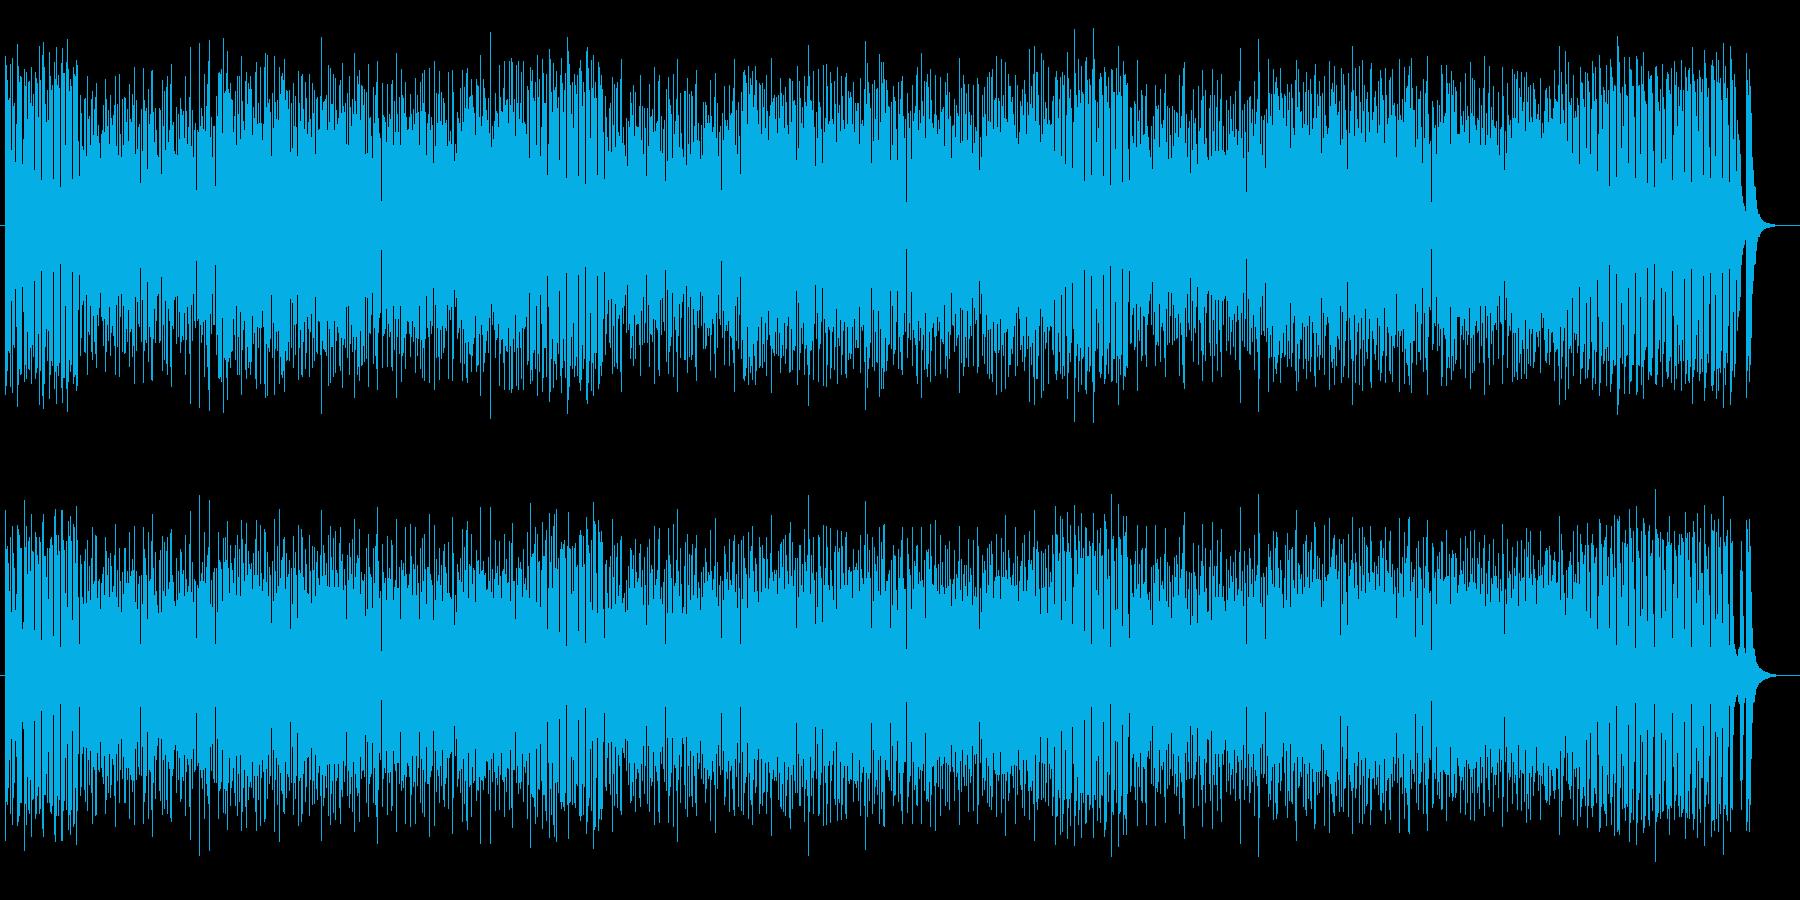 明るく爽やかなミュージックの再生済みの波形